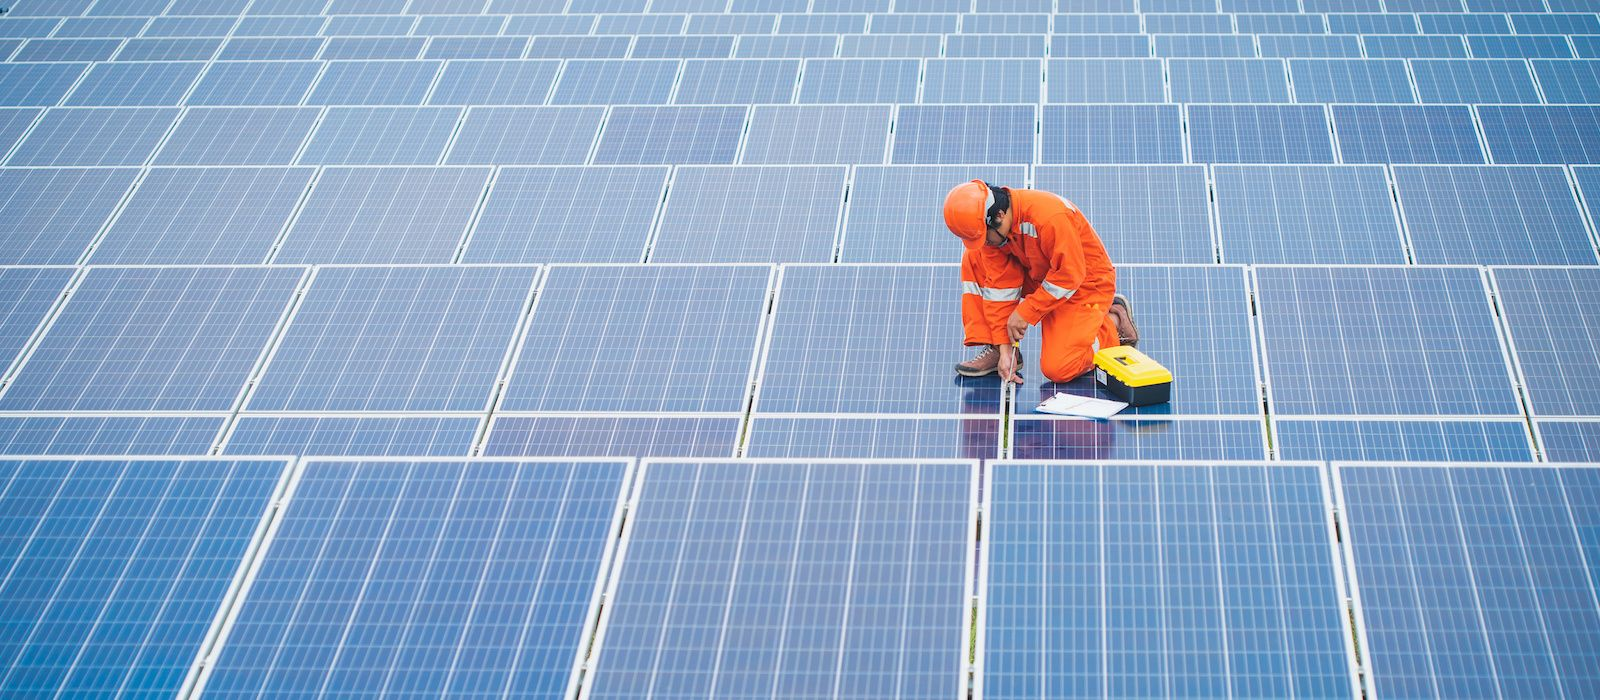 Especialistas-en-Venta-e-Instalacion-de-Paneles-Solares-en-Mexico-v002-compressor